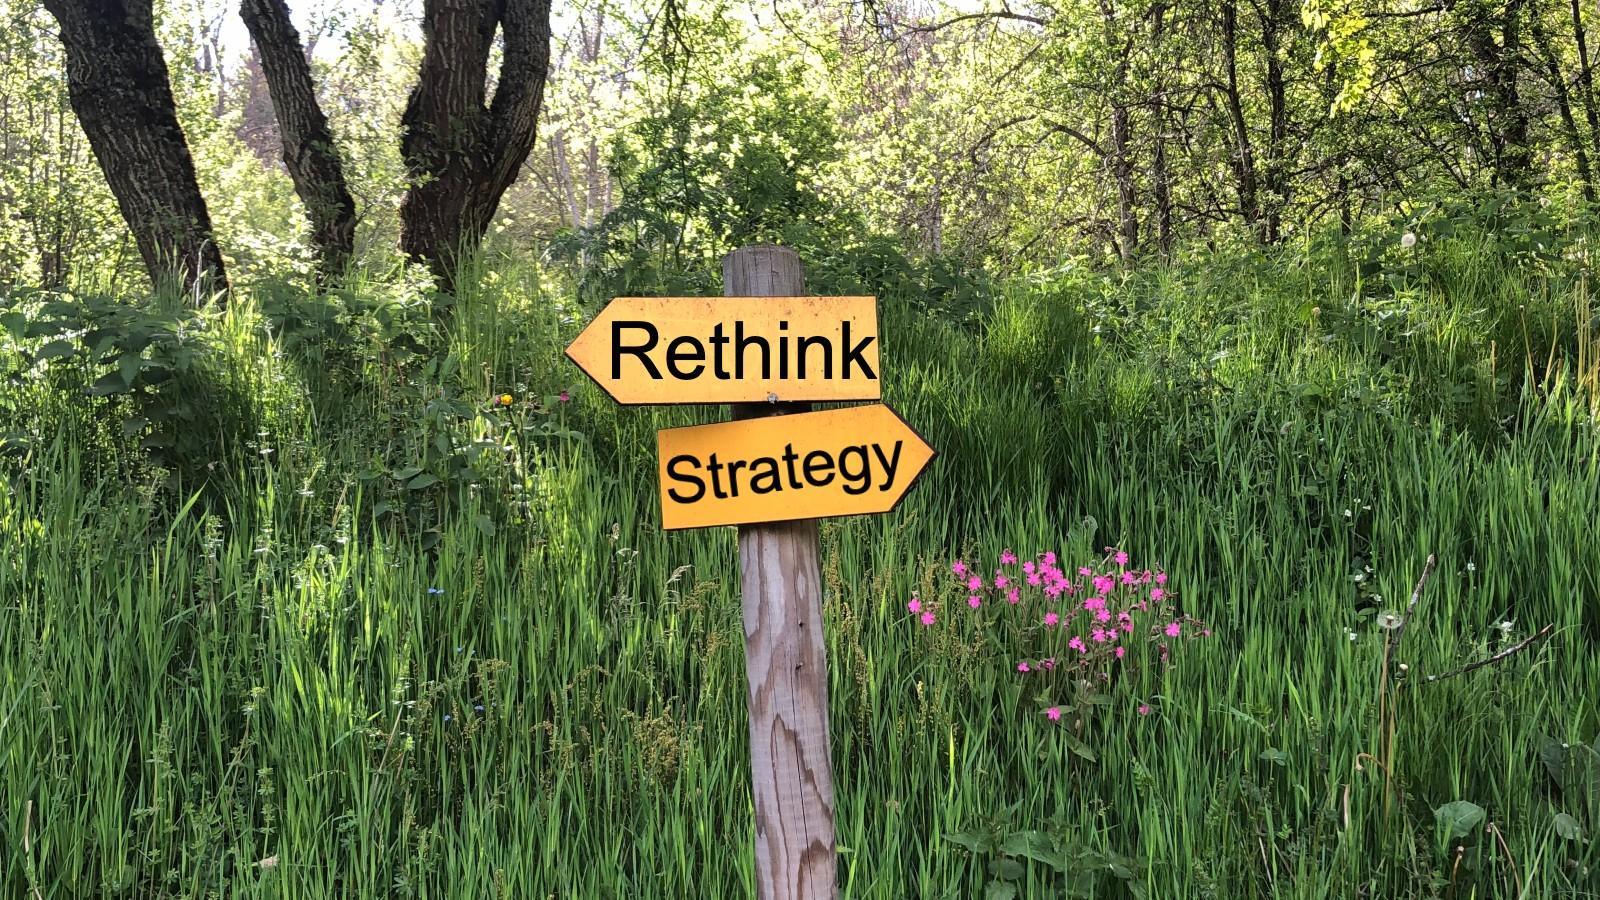 Rethink strategy - image © M Johnson